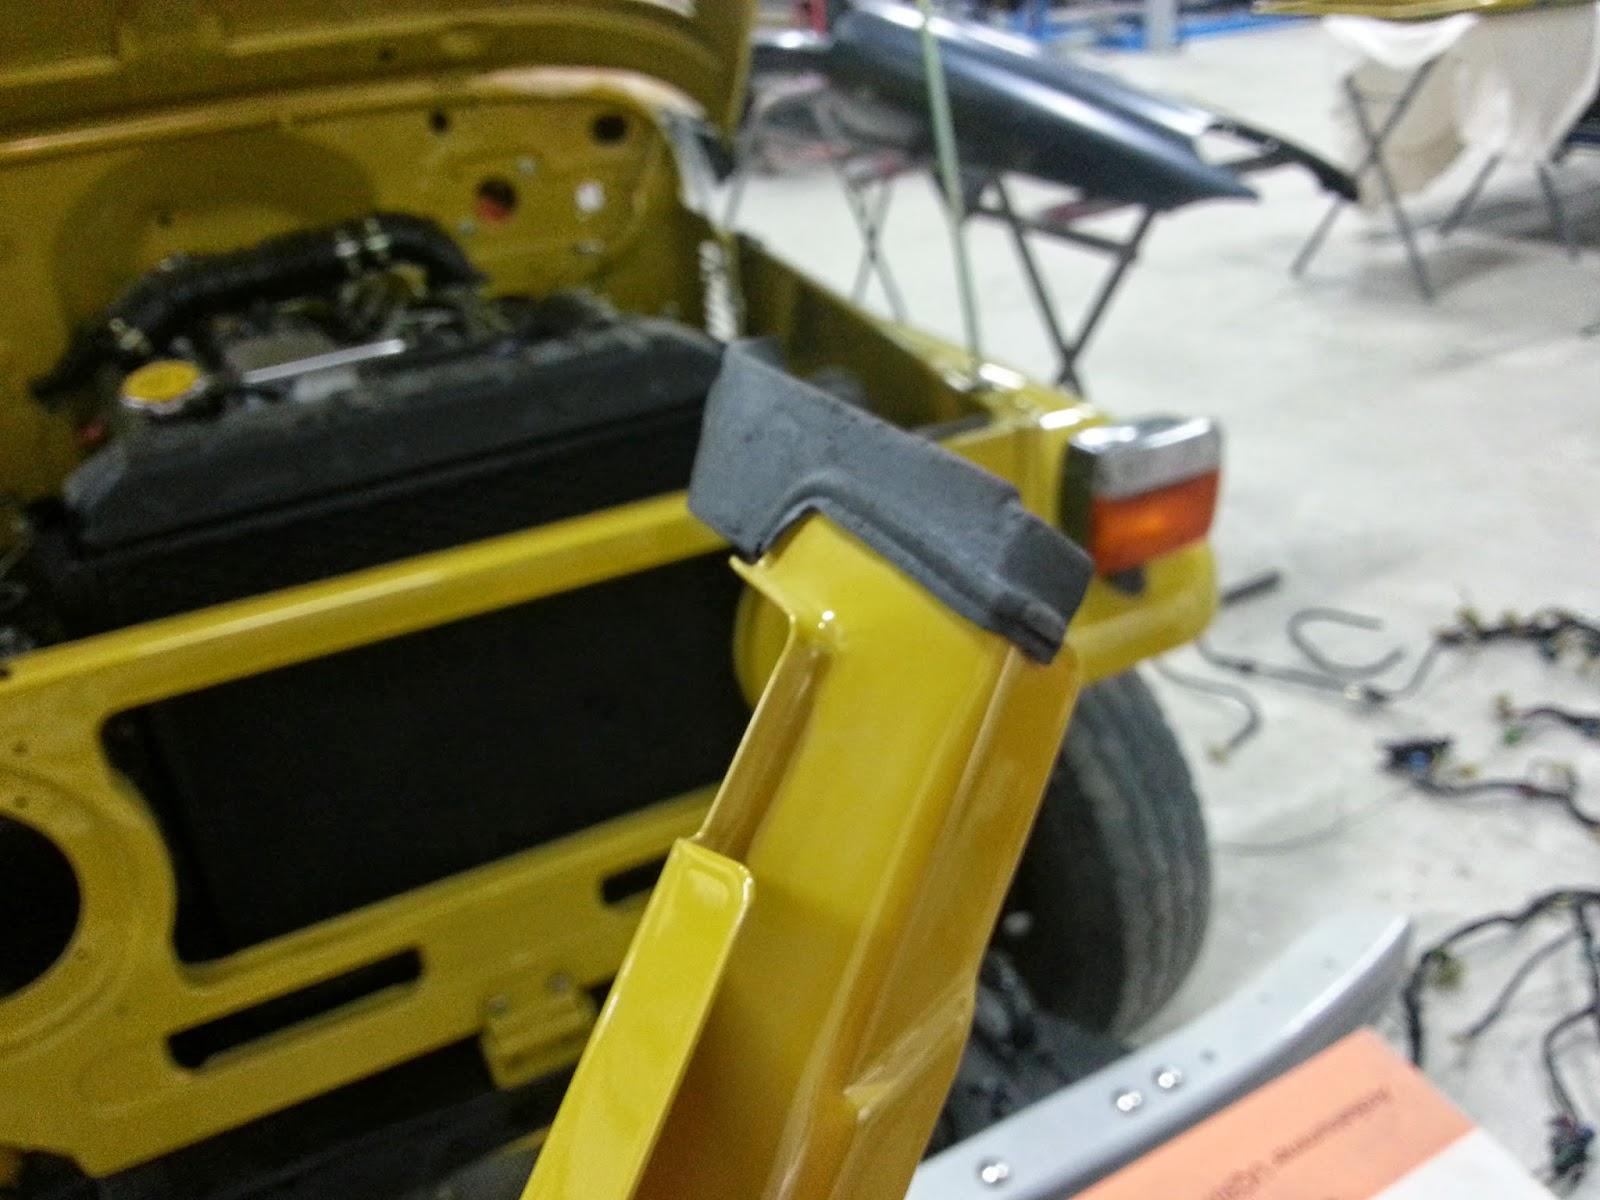 Toyota LandCruiser FJ40 Passenger Side Front Door Upper Corner Pad Weatherstrip (OEM) & Fj40 Door Weatherstrip \u0026 IMG_5035.